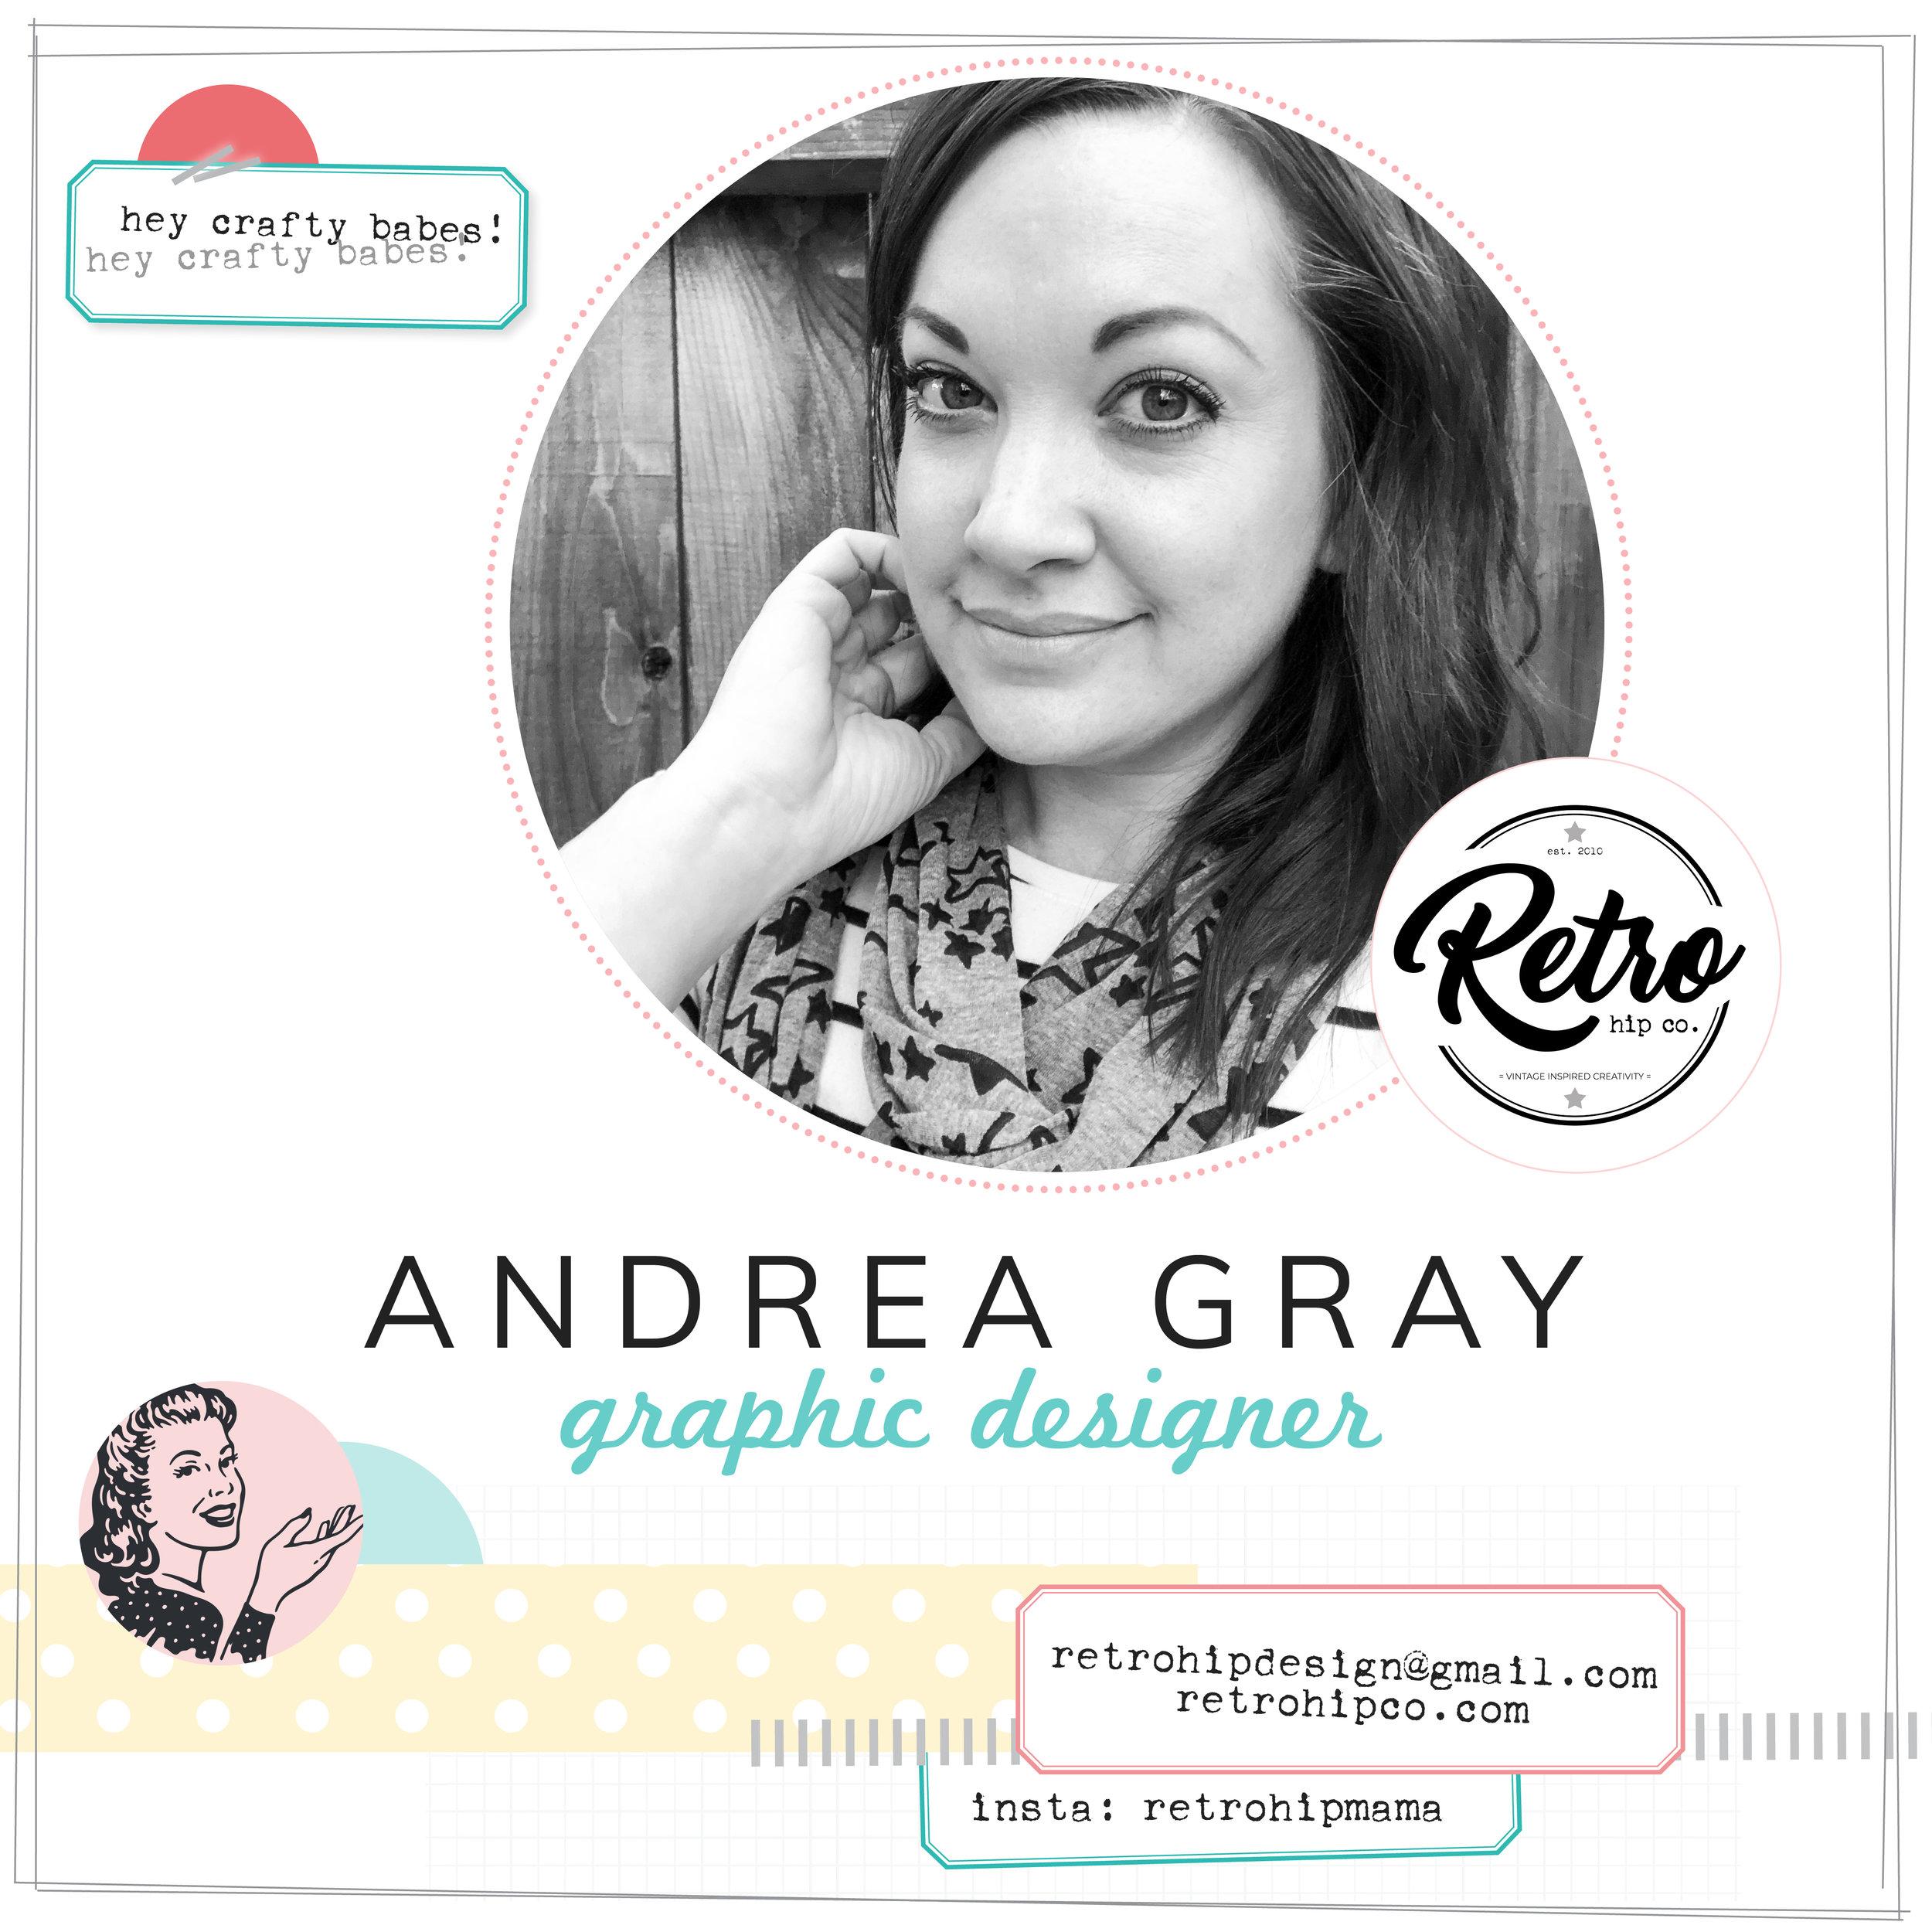 AndreaGray_RetroHipCo._IntroGraphic.jpg